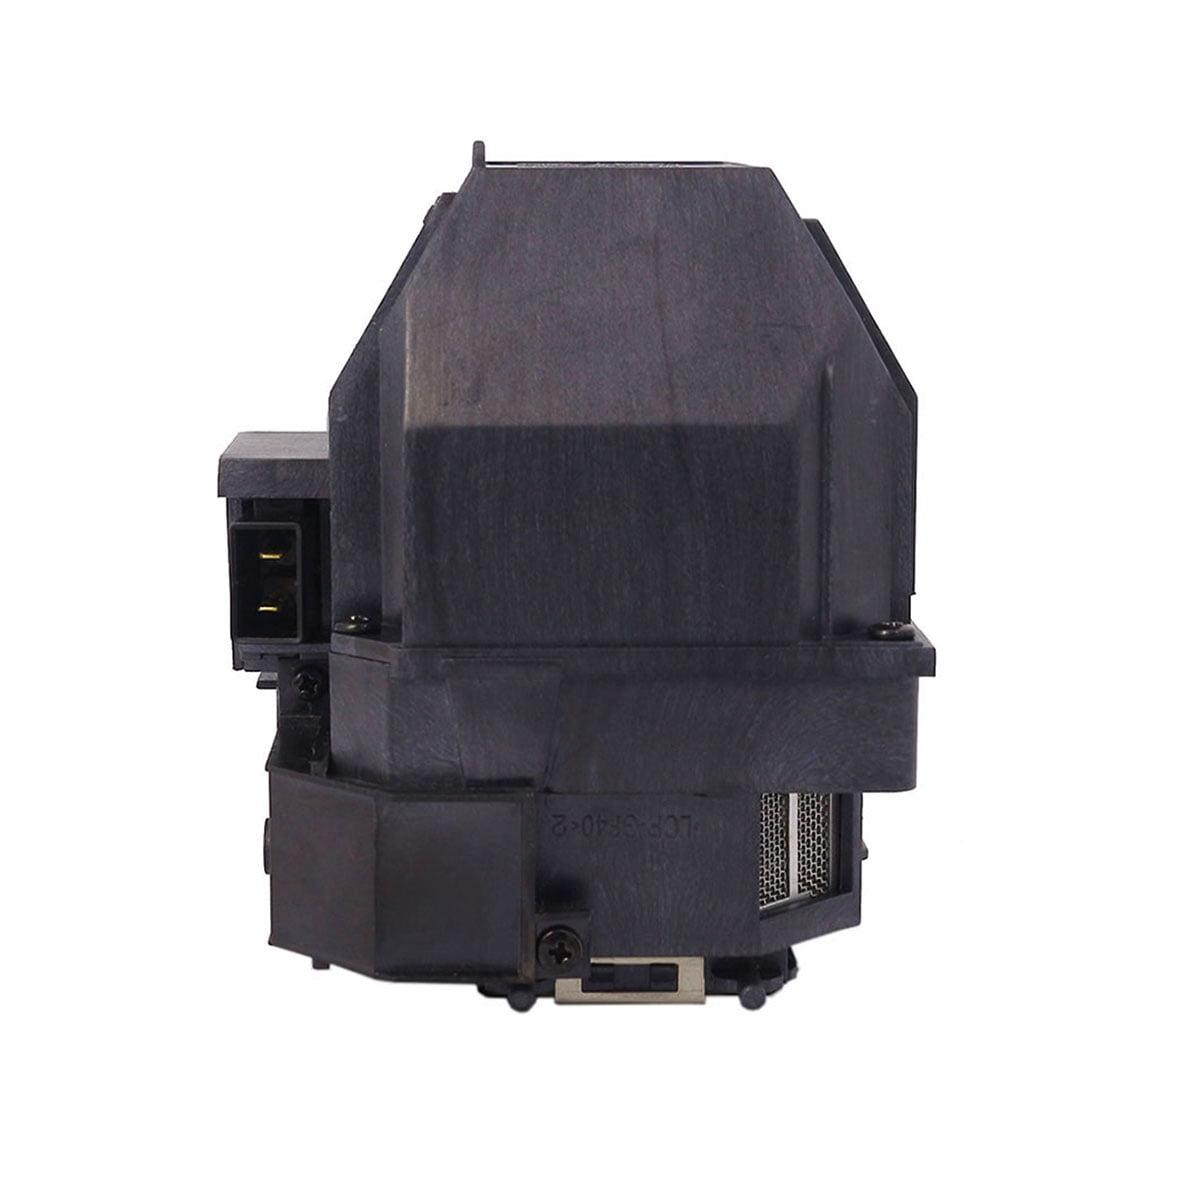 Lutema Platinum pour Epson EB-680S lampe de Projecteur avec bo�tier (ampoule Philips originale � l'int�rieur) - image 3 de 5